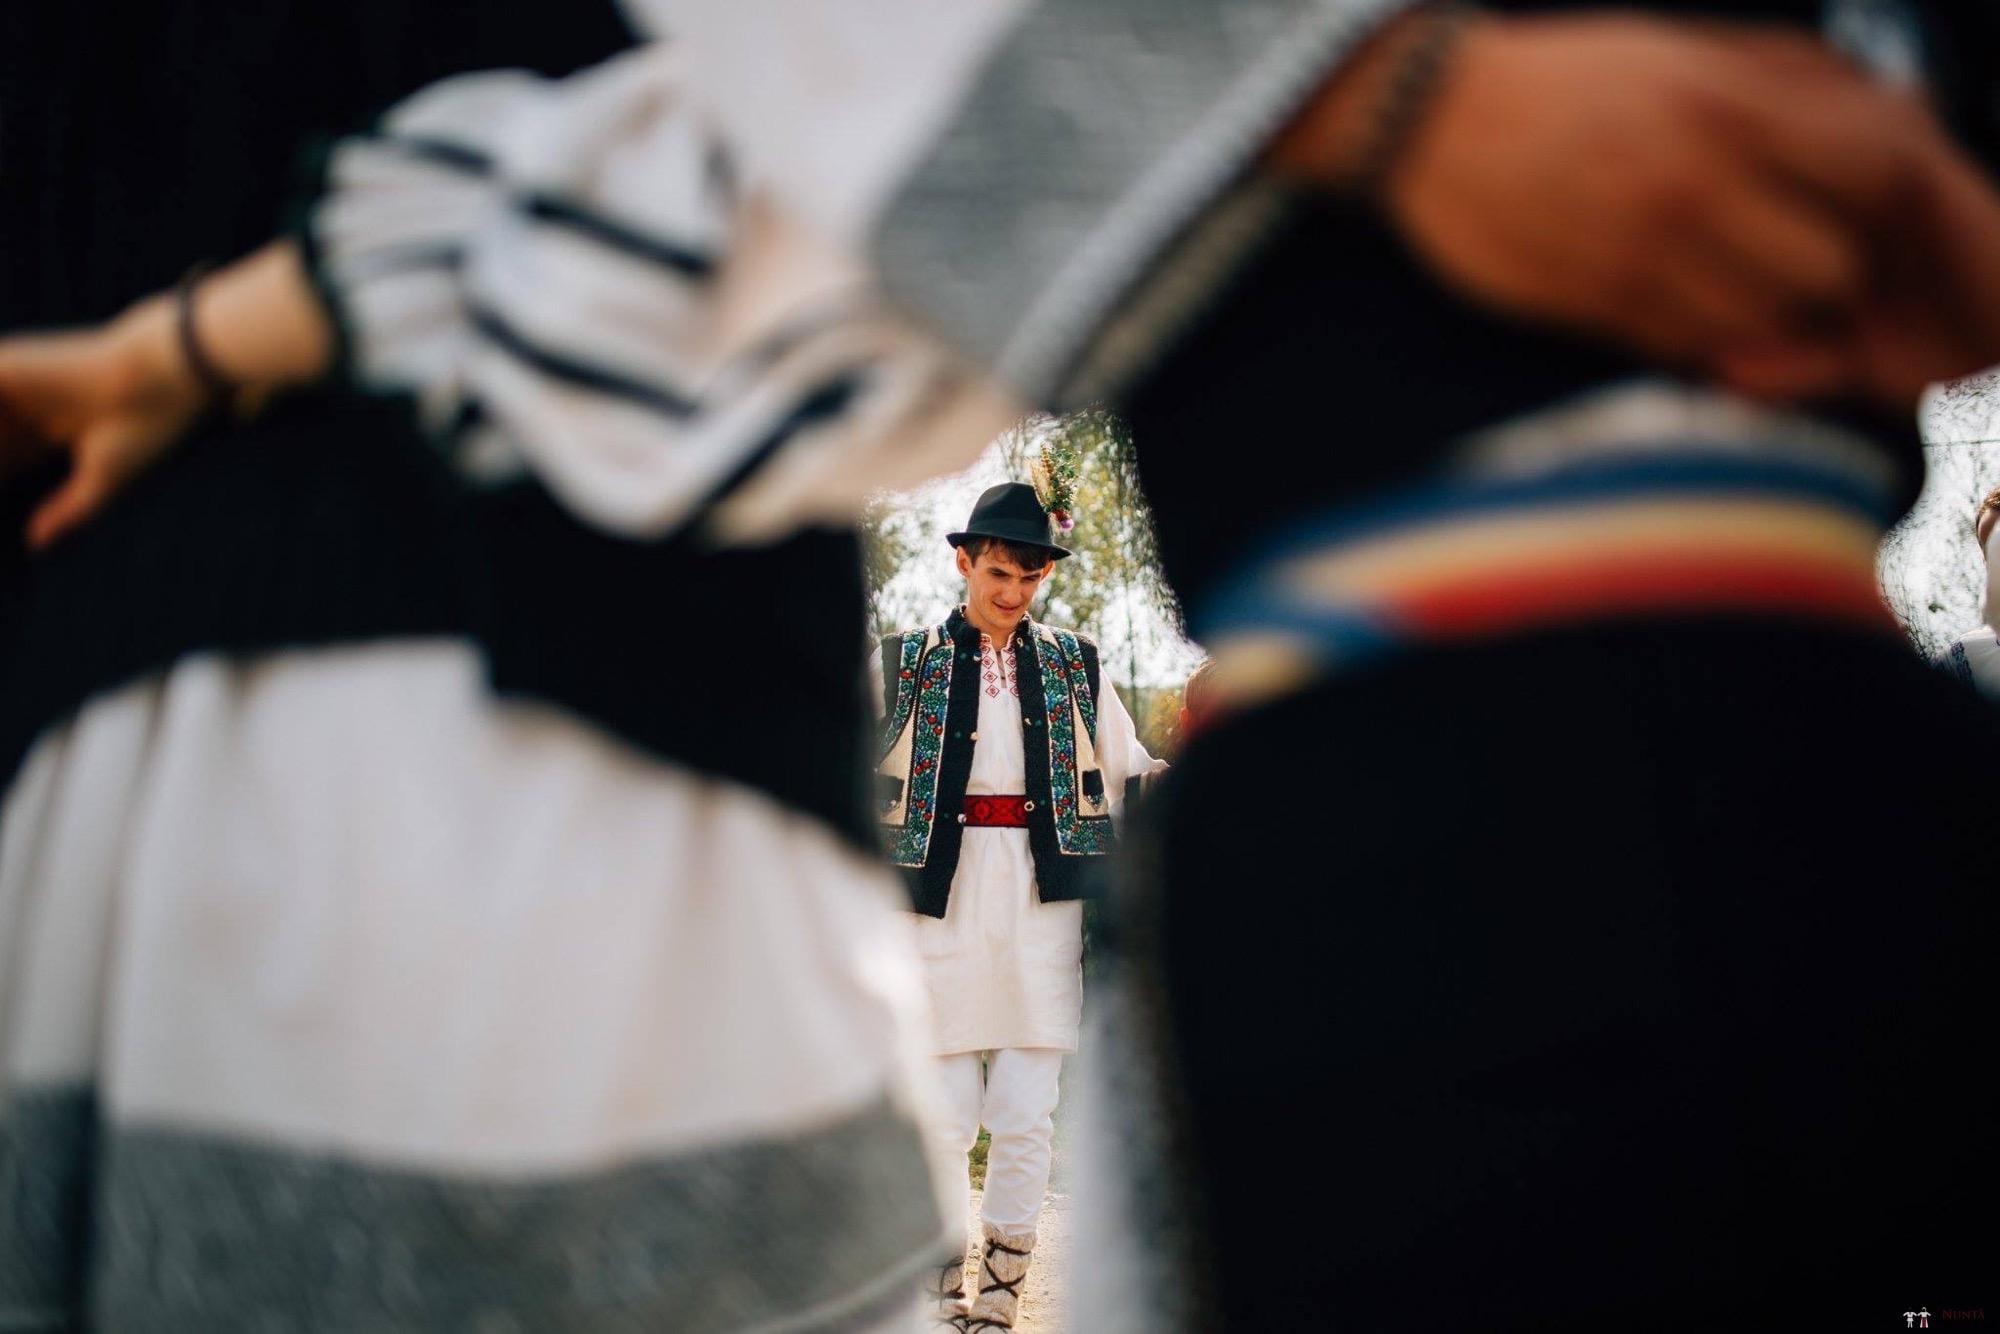 Povești Nunți Tradiționale - Andreea și Sergiu. Nuntă tradițională în Alba-Iulia 24